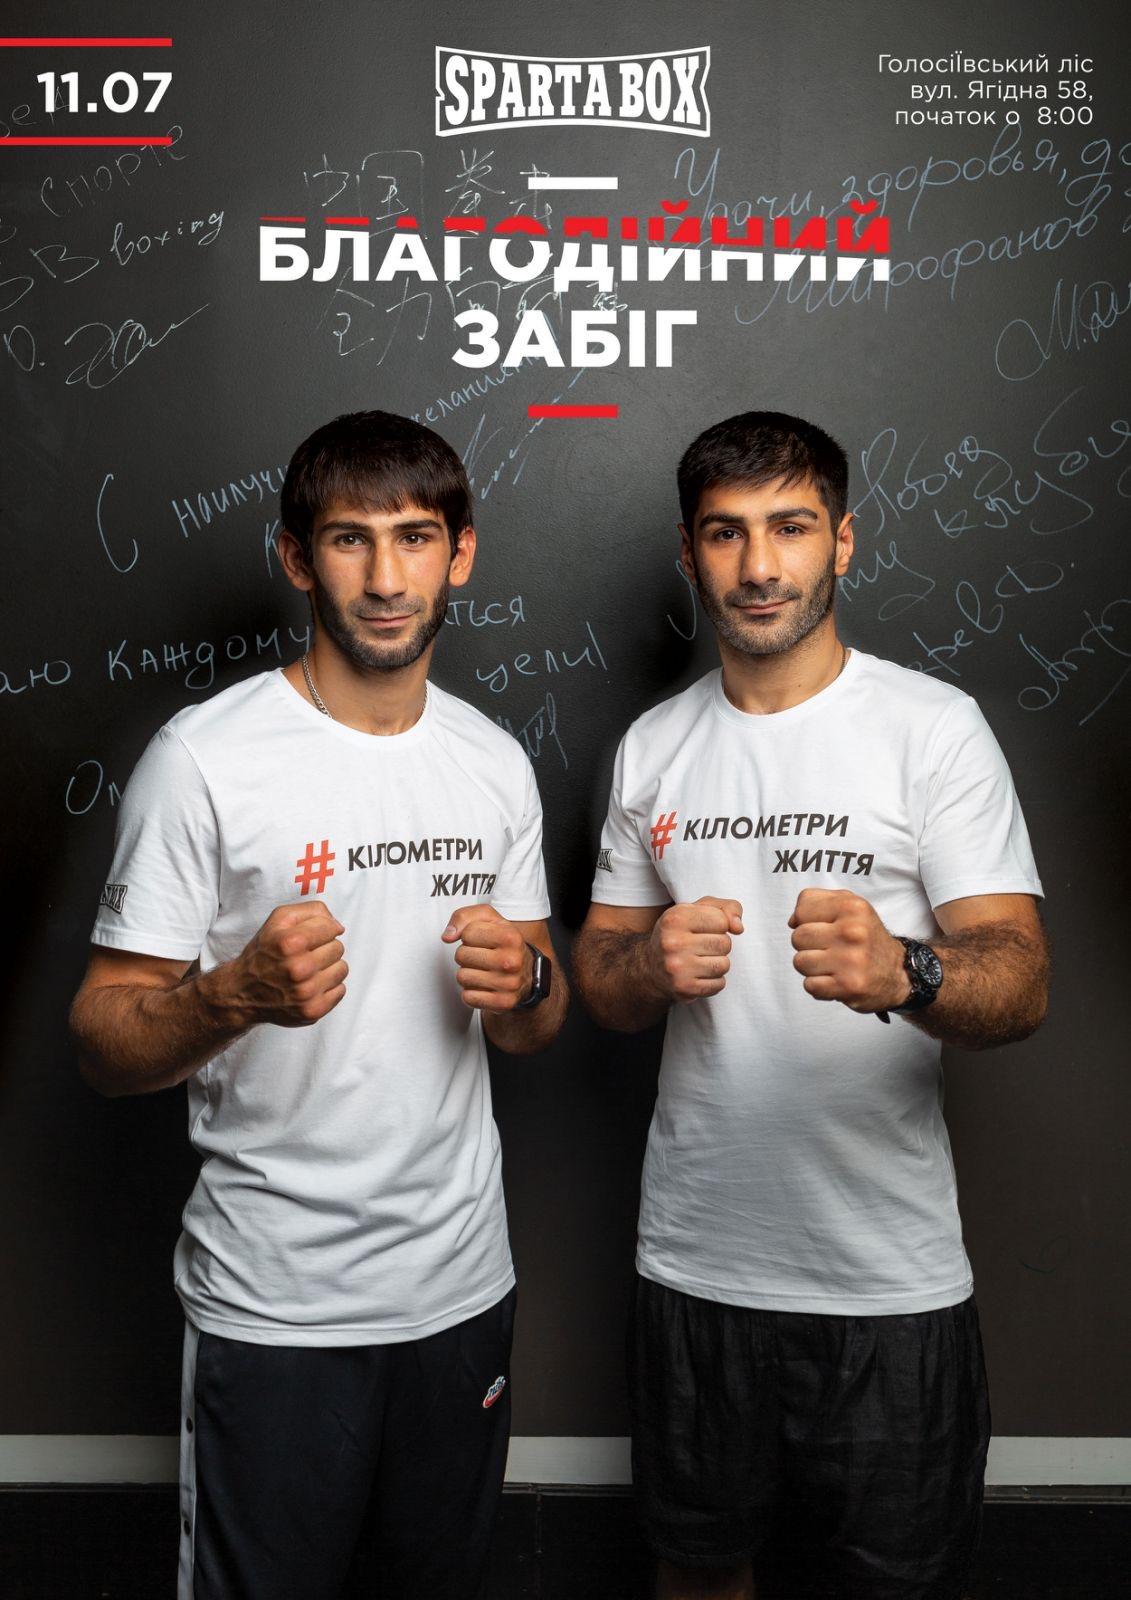 Братья Фаниян организовывают благотворительный забег «кілометри життя»